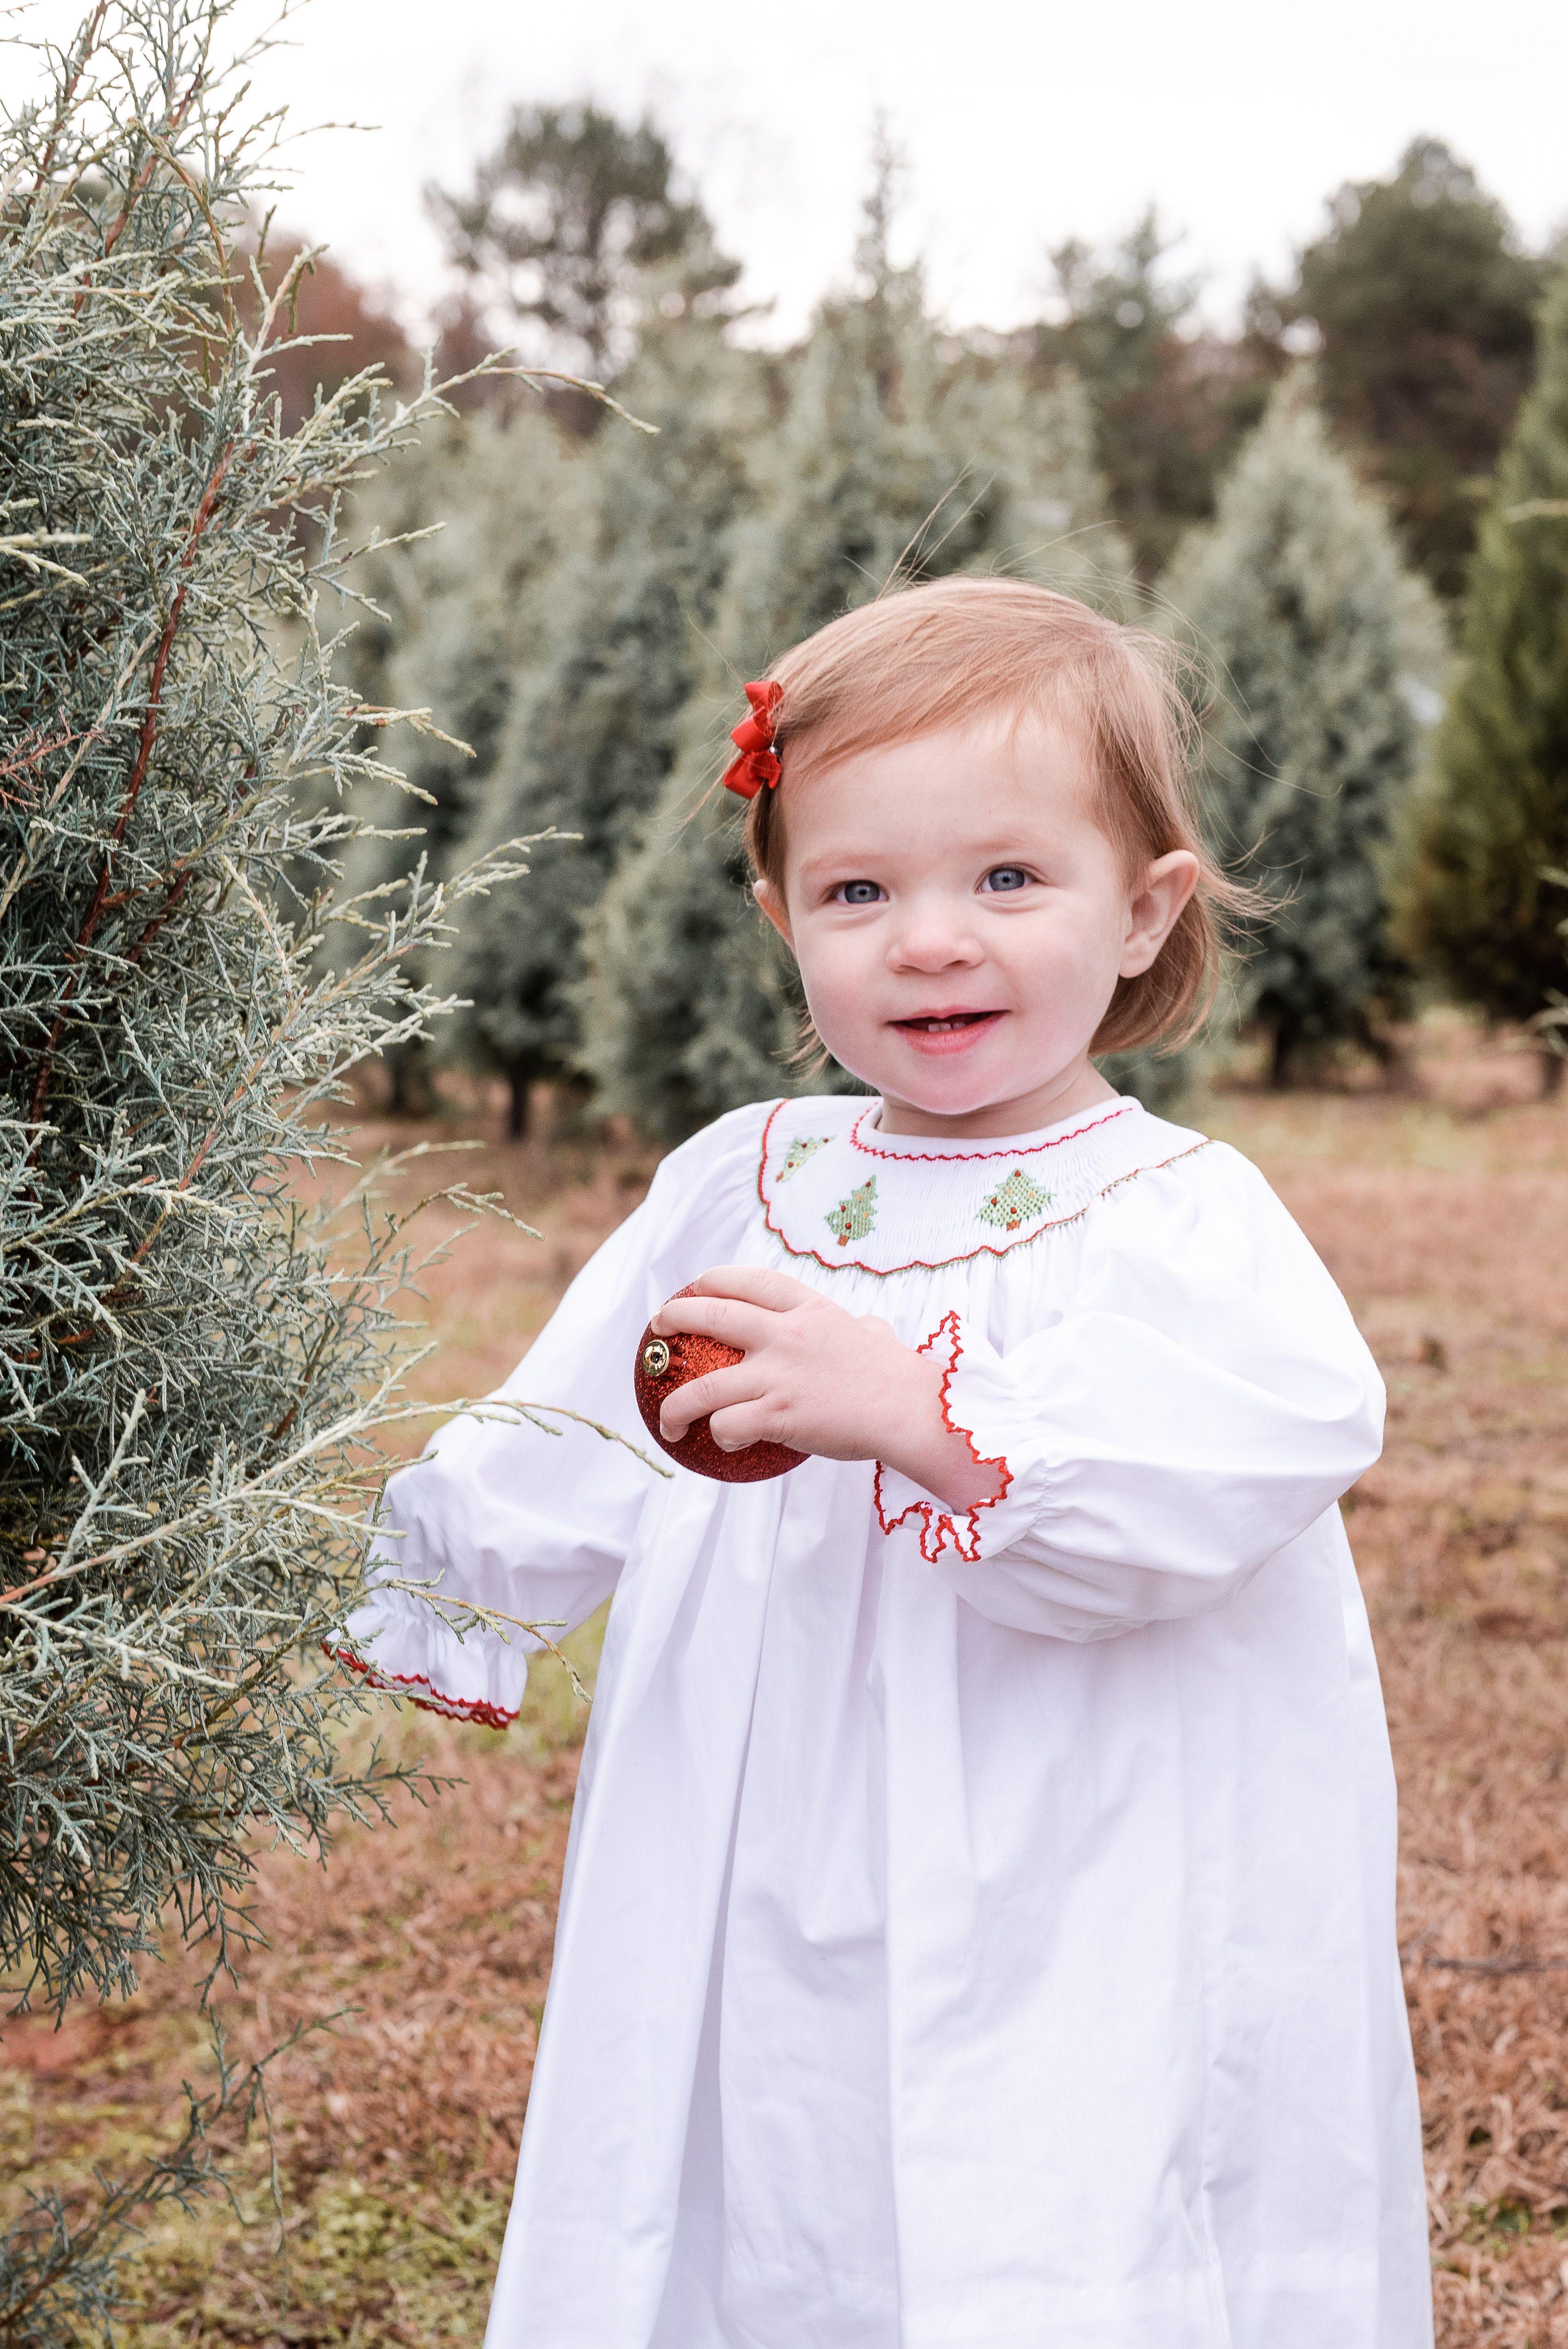 Mystic Tree Farms In Greenville Sc Christmas Photography Flower Girl Dresses Flower Girl